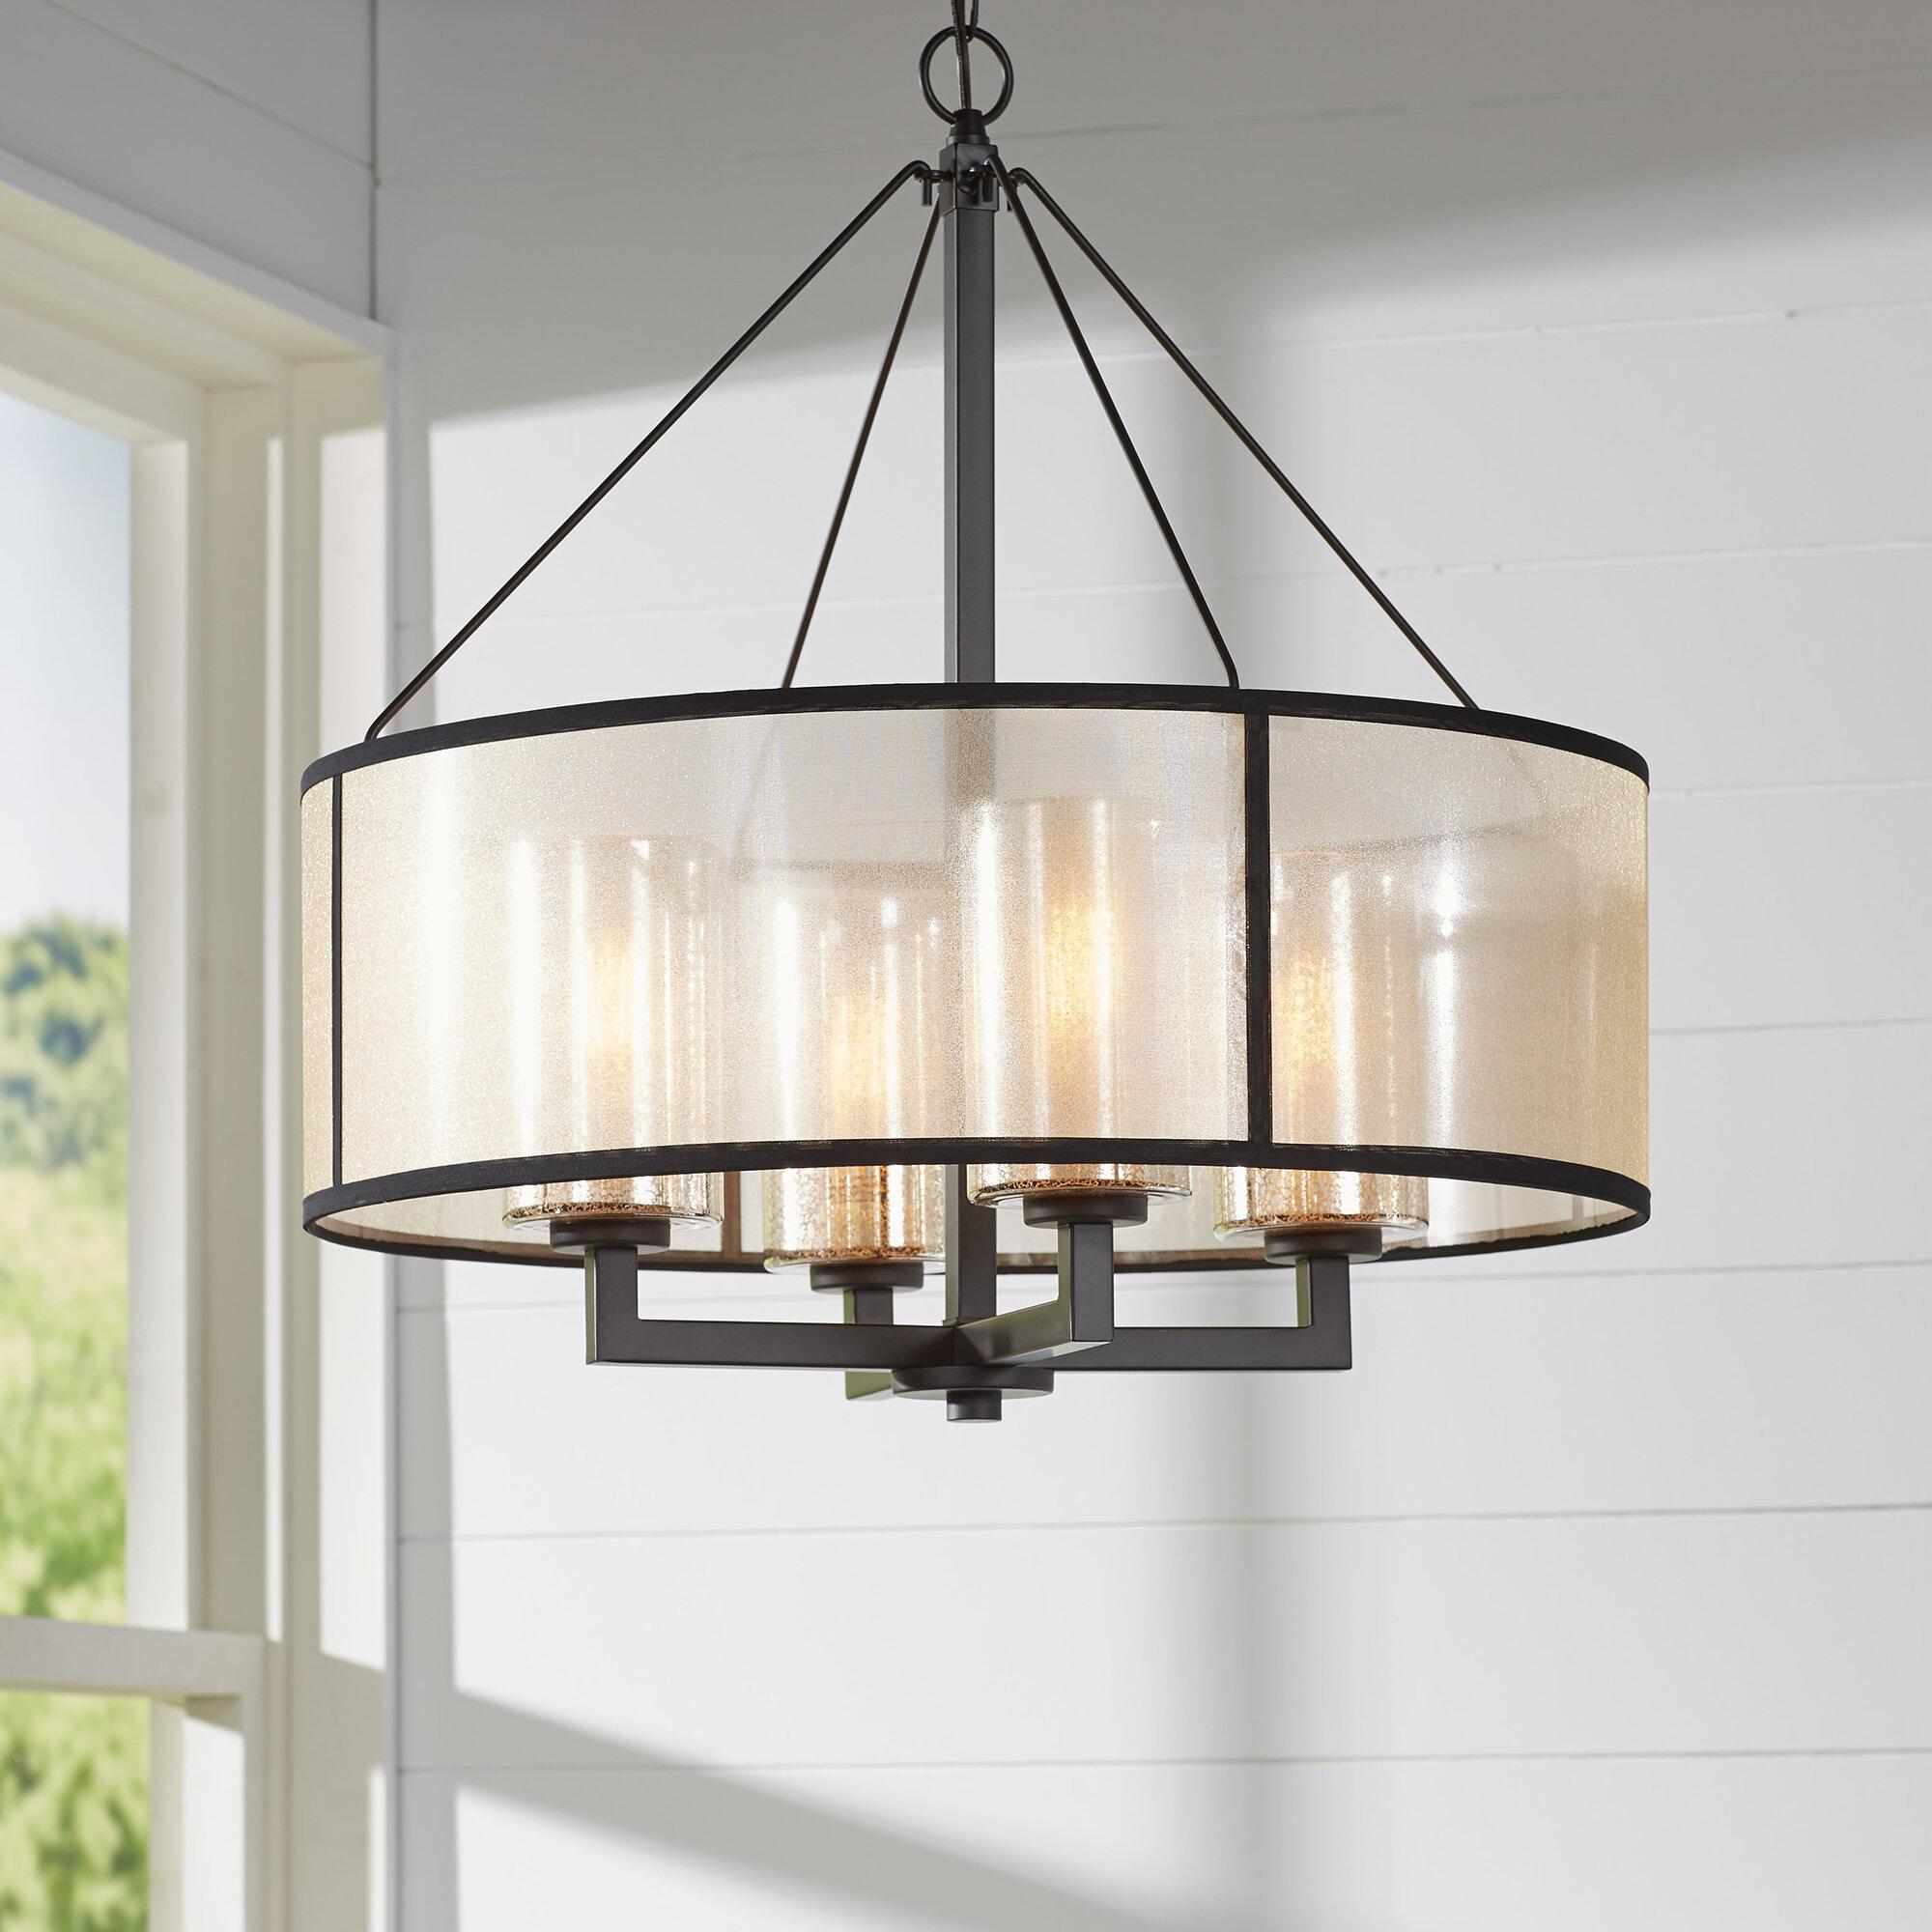 Brayden studio dailey 4 light drum chandelier reviews wayfair